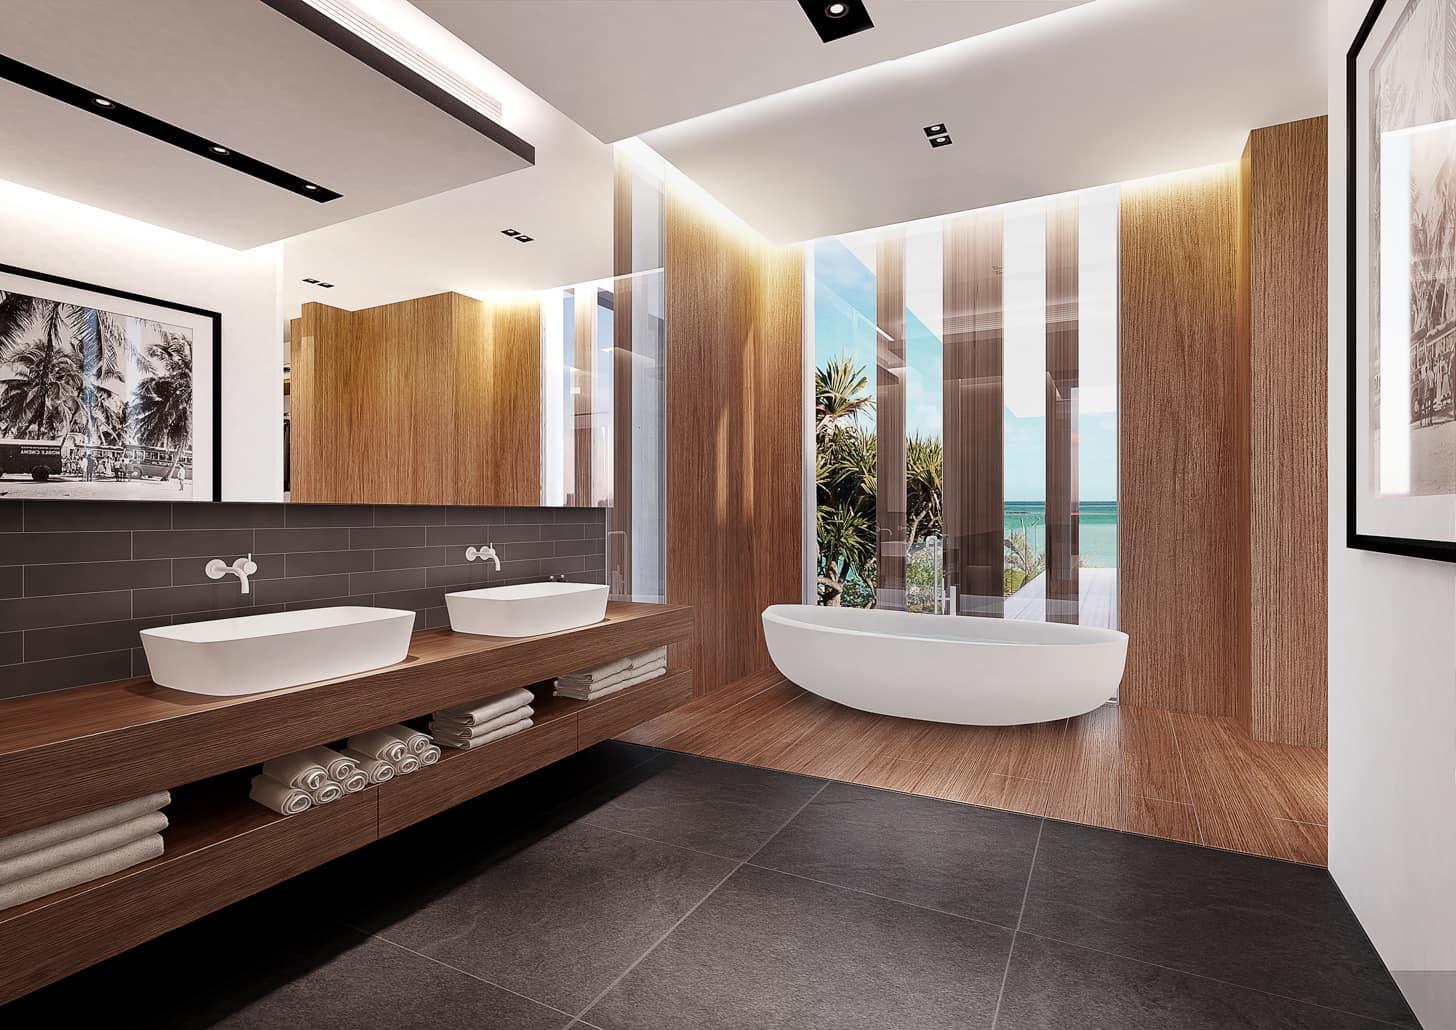 les demeures sale de bain